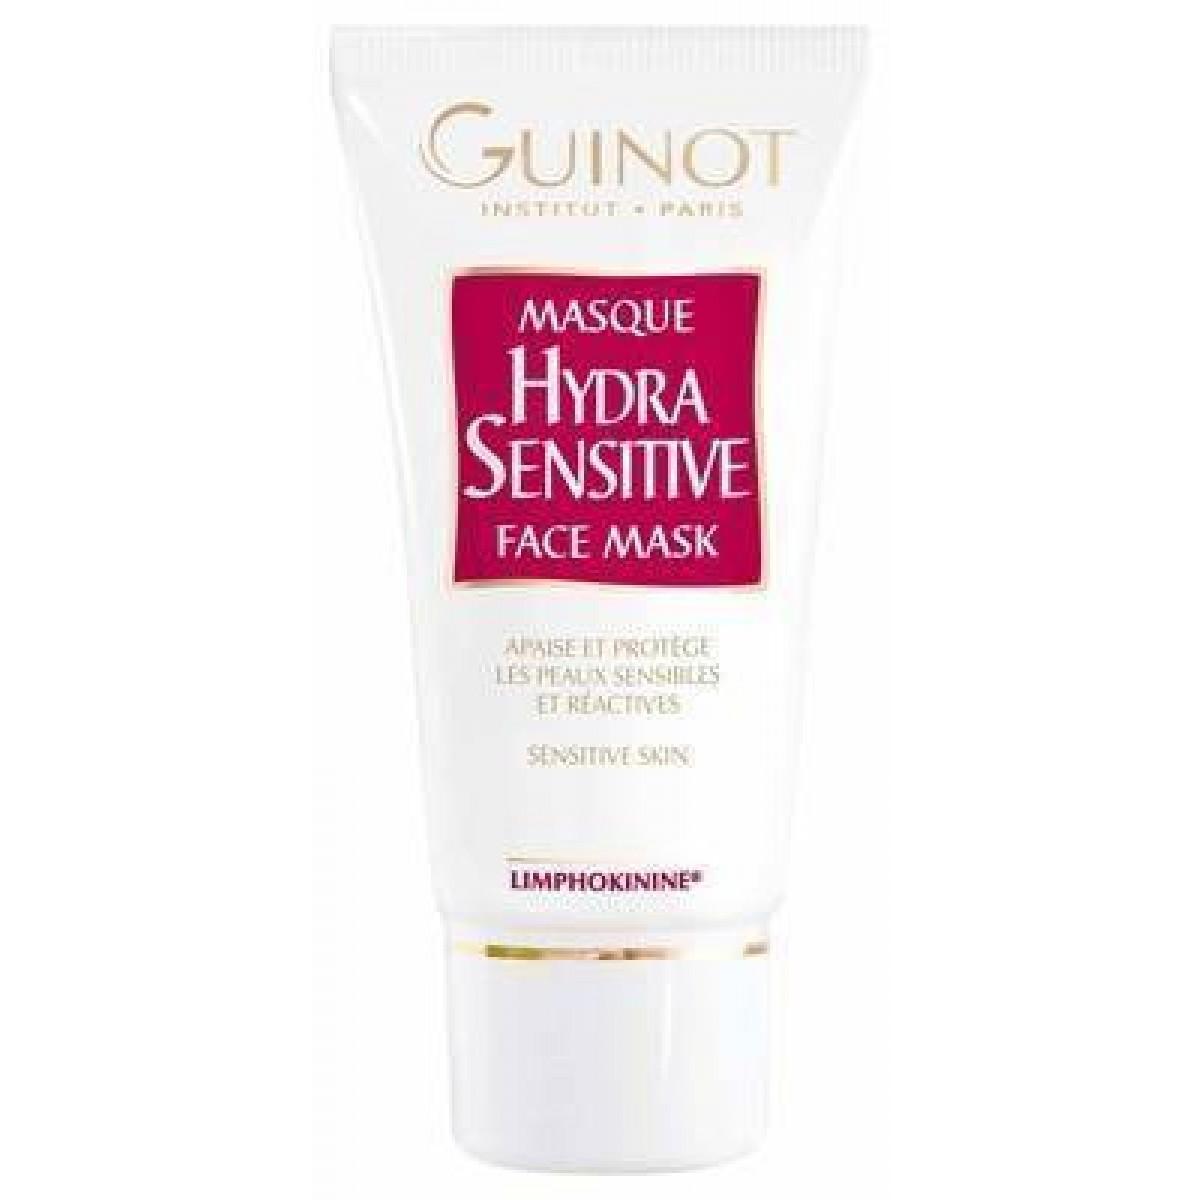 Guinot Hydra Sensitive Mask - 50ml